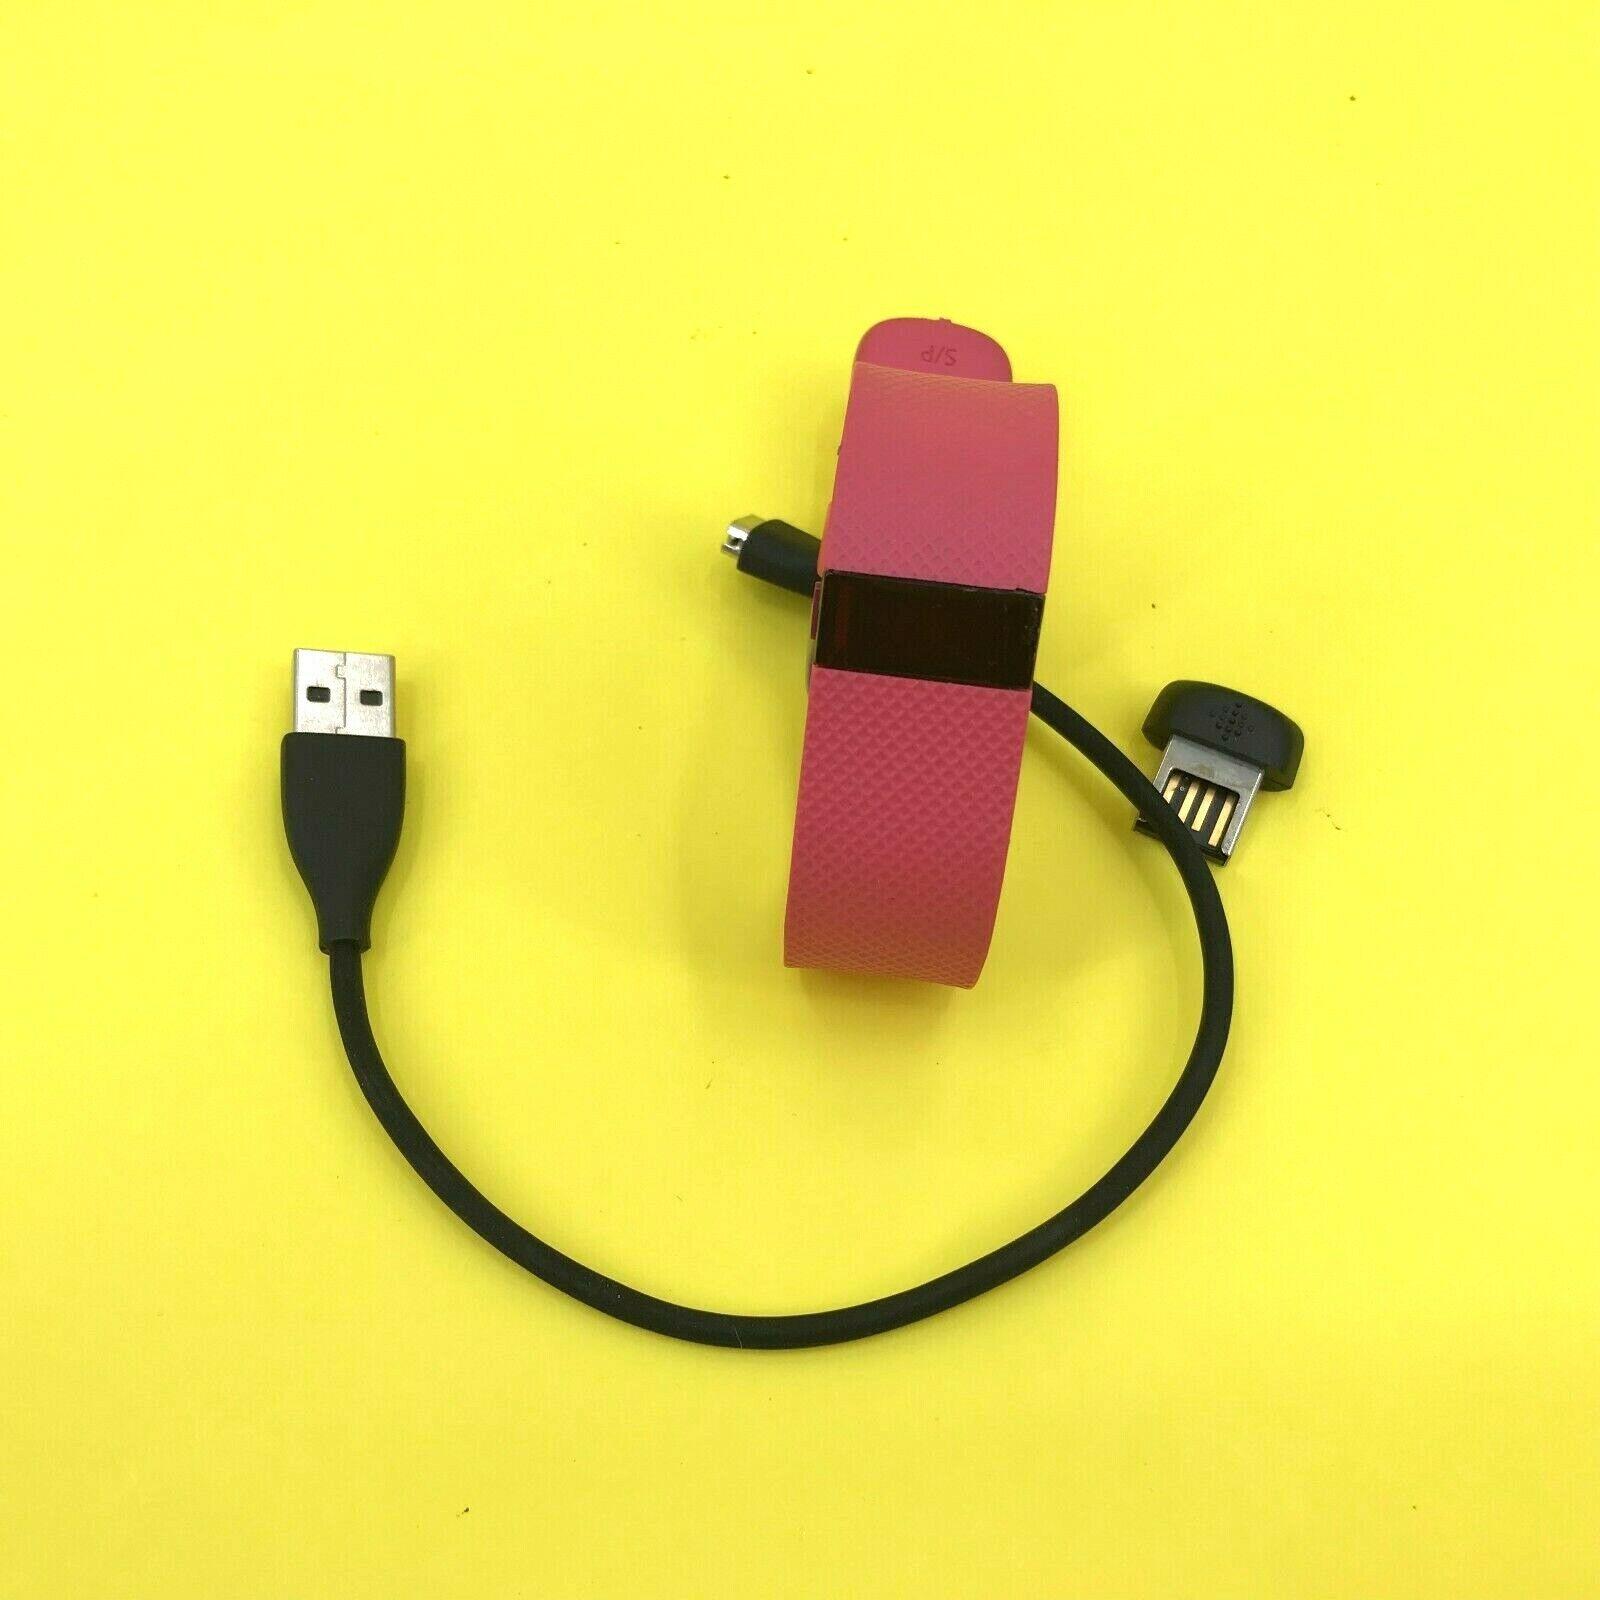 Fitbit Heart Rate Fitness Tracker S/P -Model Surge Pink #0101 Z65 B166 b166 fitbit fitness heart pink rate surge tracker z65